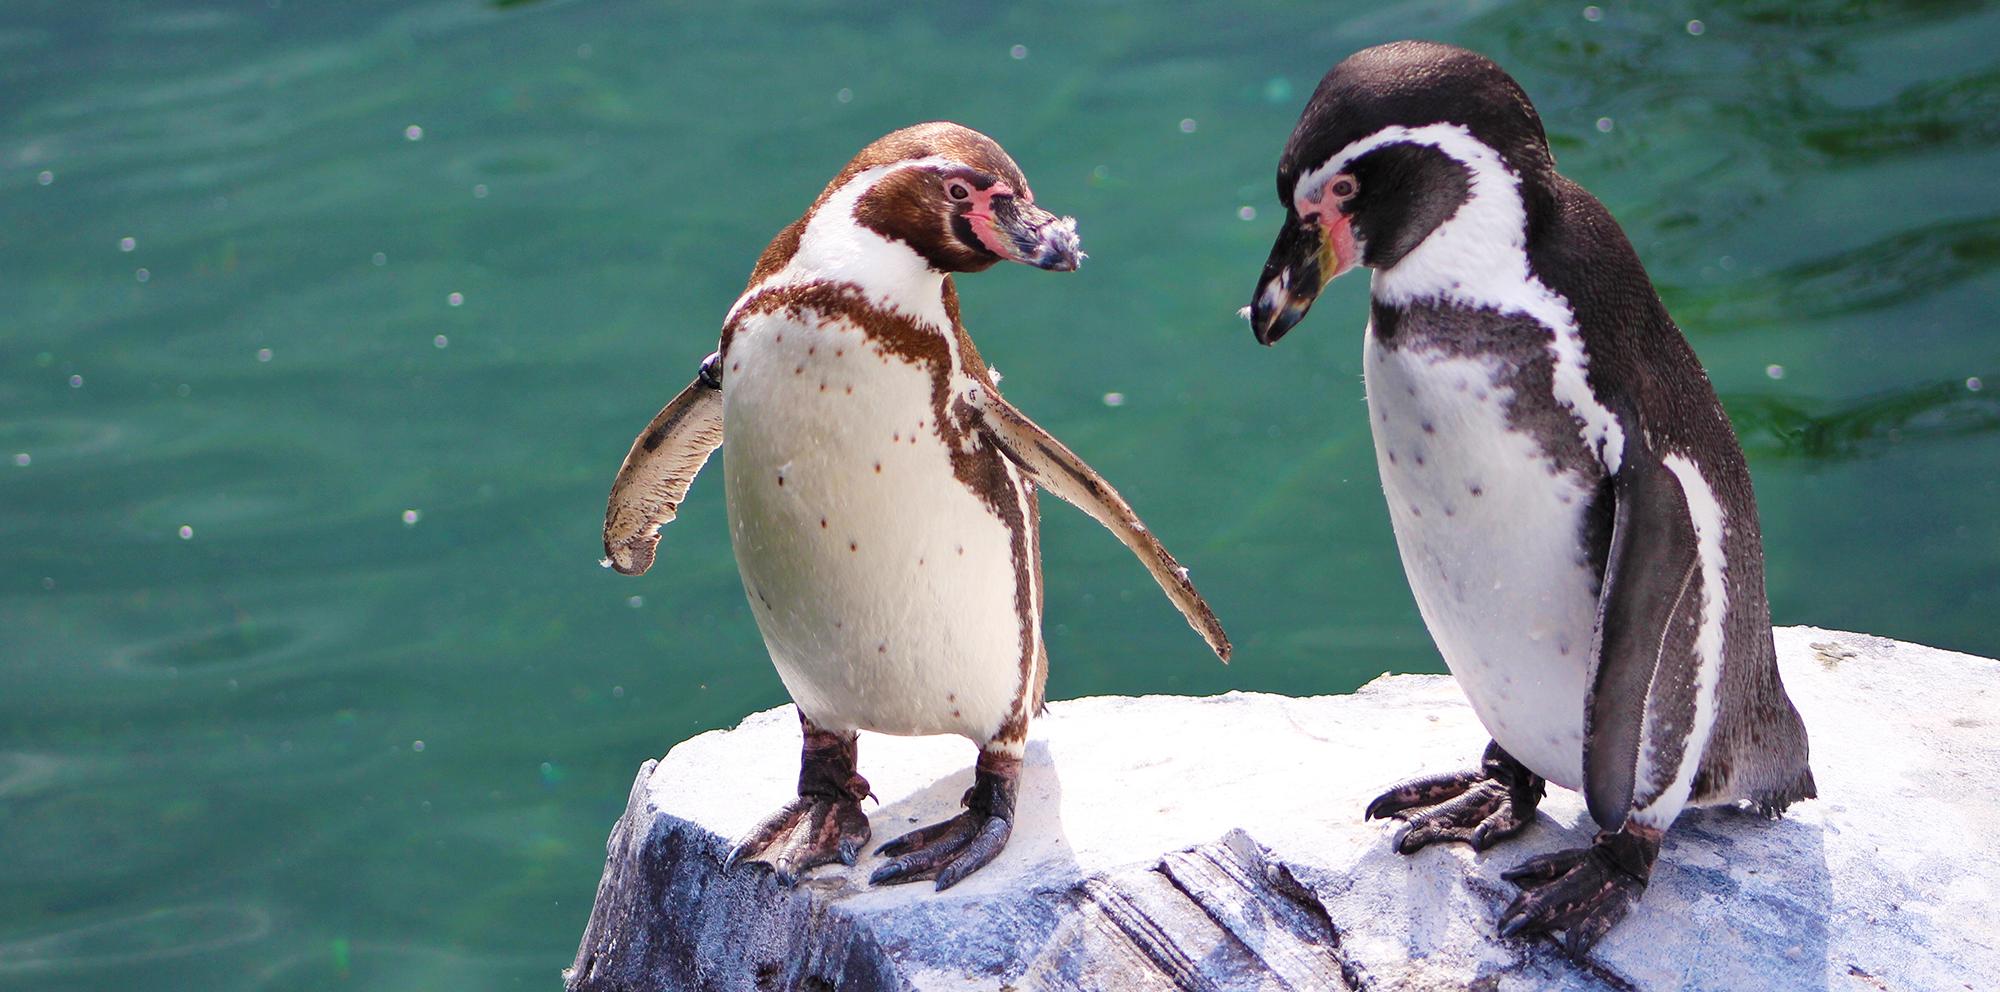 Penguins on a rock.